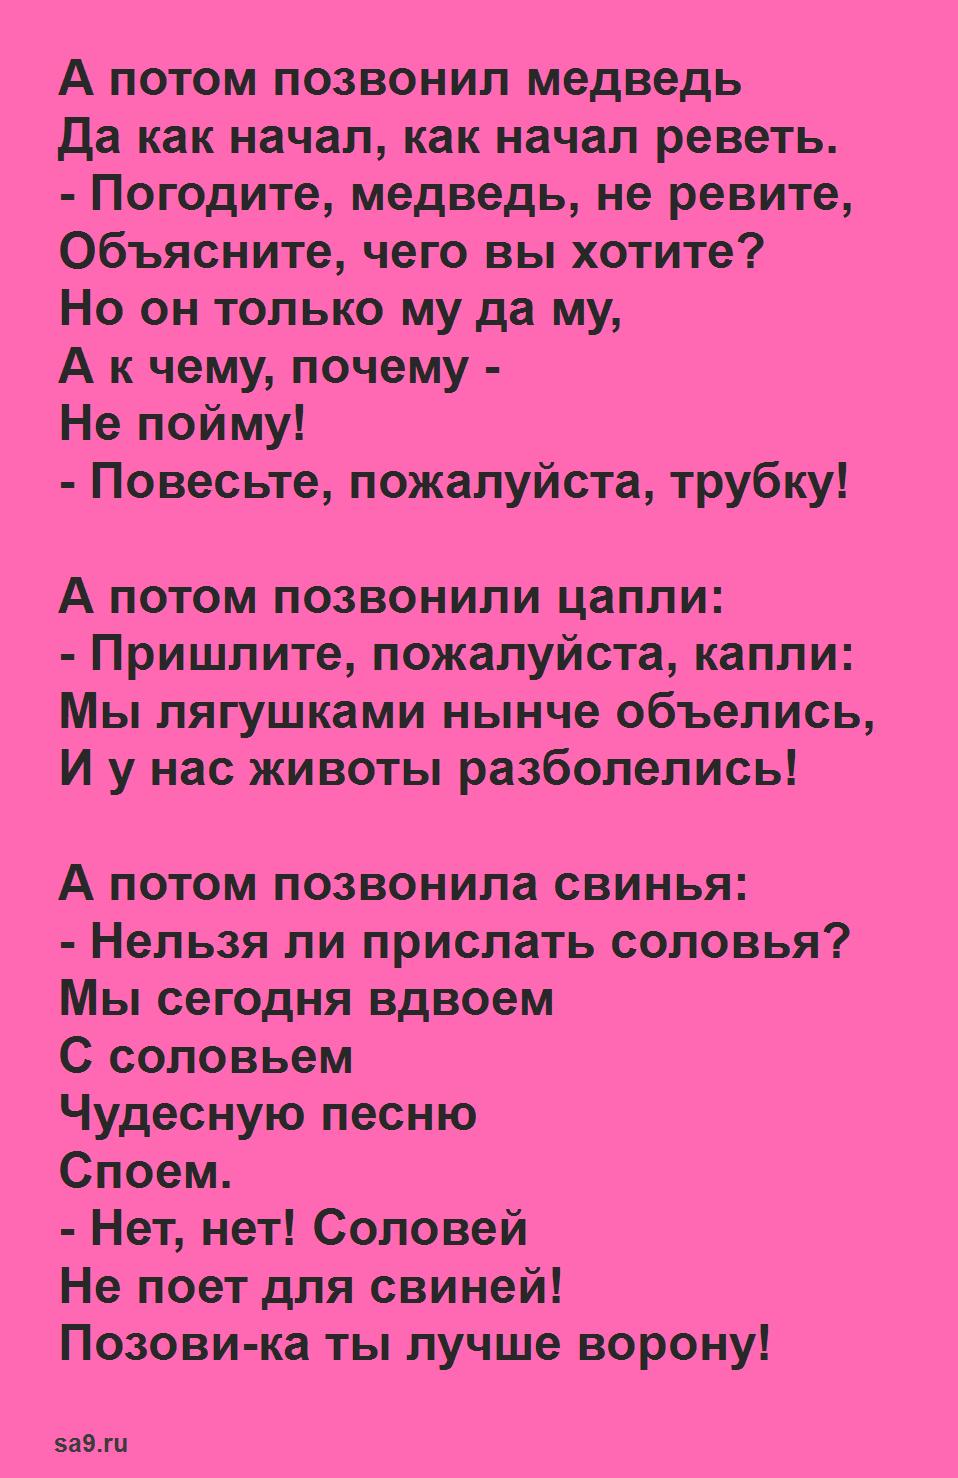 Читать и скачать онлайн бесплатно сказку Чуковского 'Телефон'